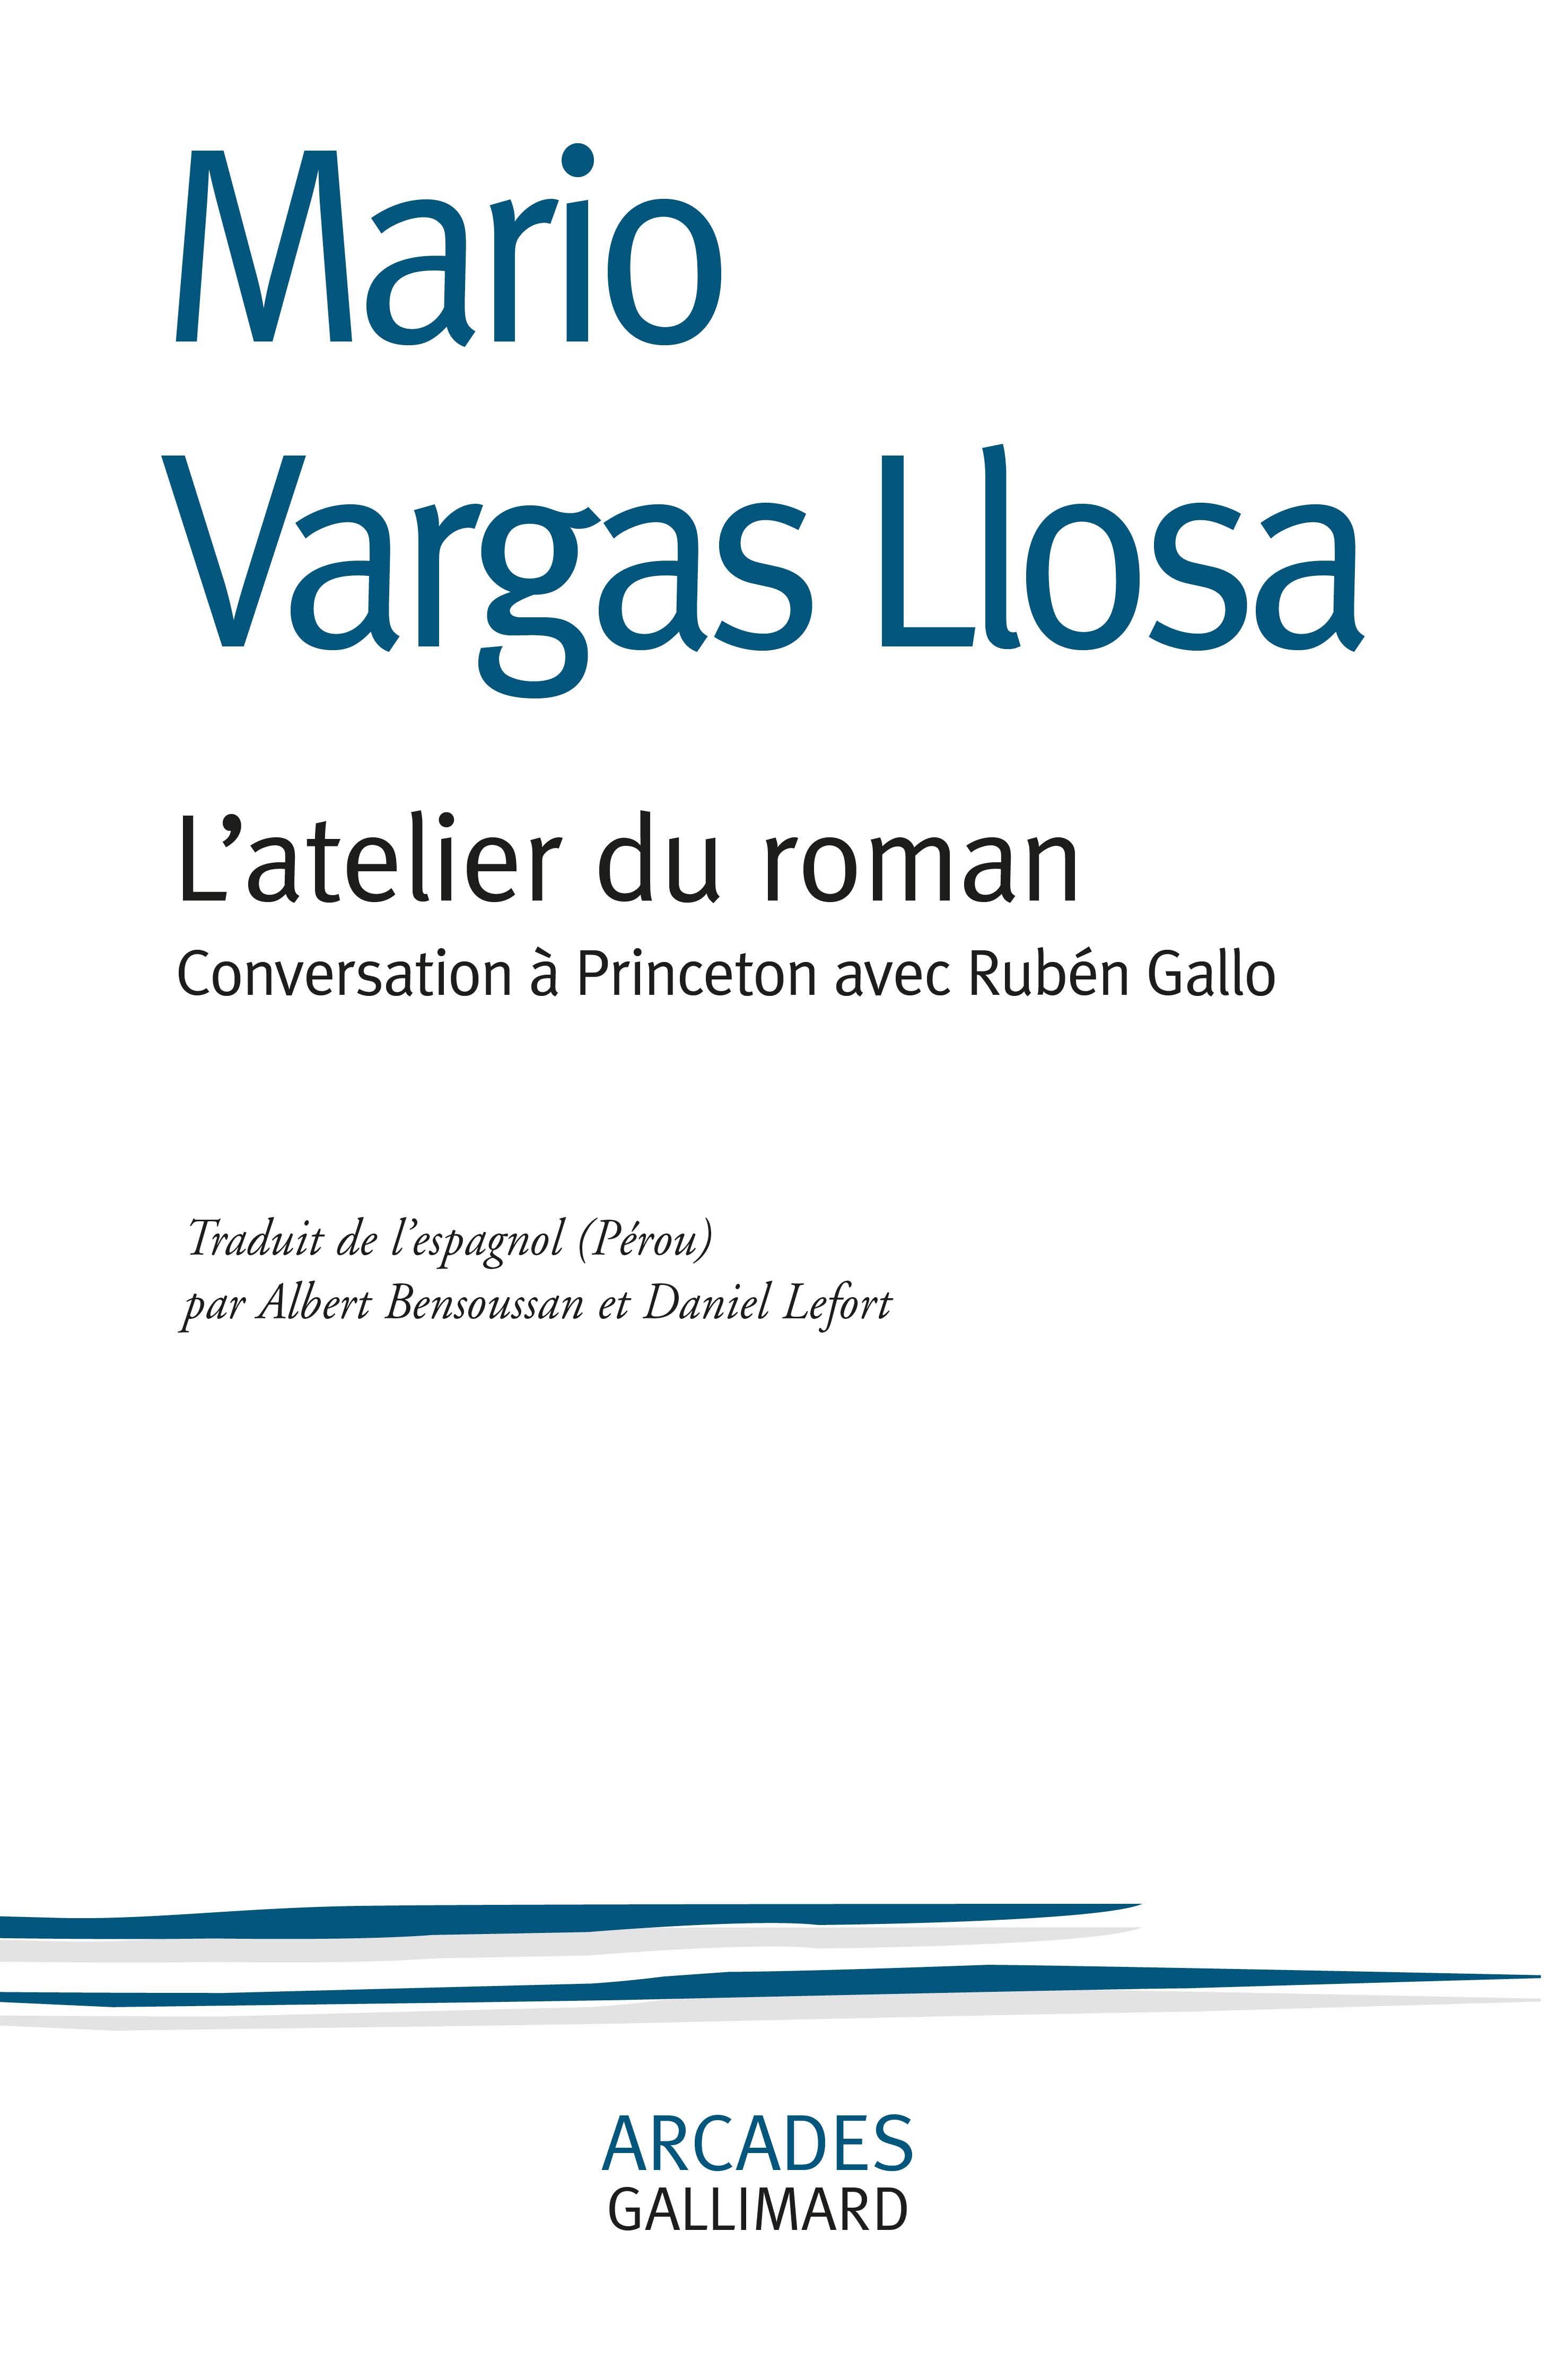 M. Vargas Llosa, L'atelier du roman. Conversation à Princeton avec Rubén Gallo